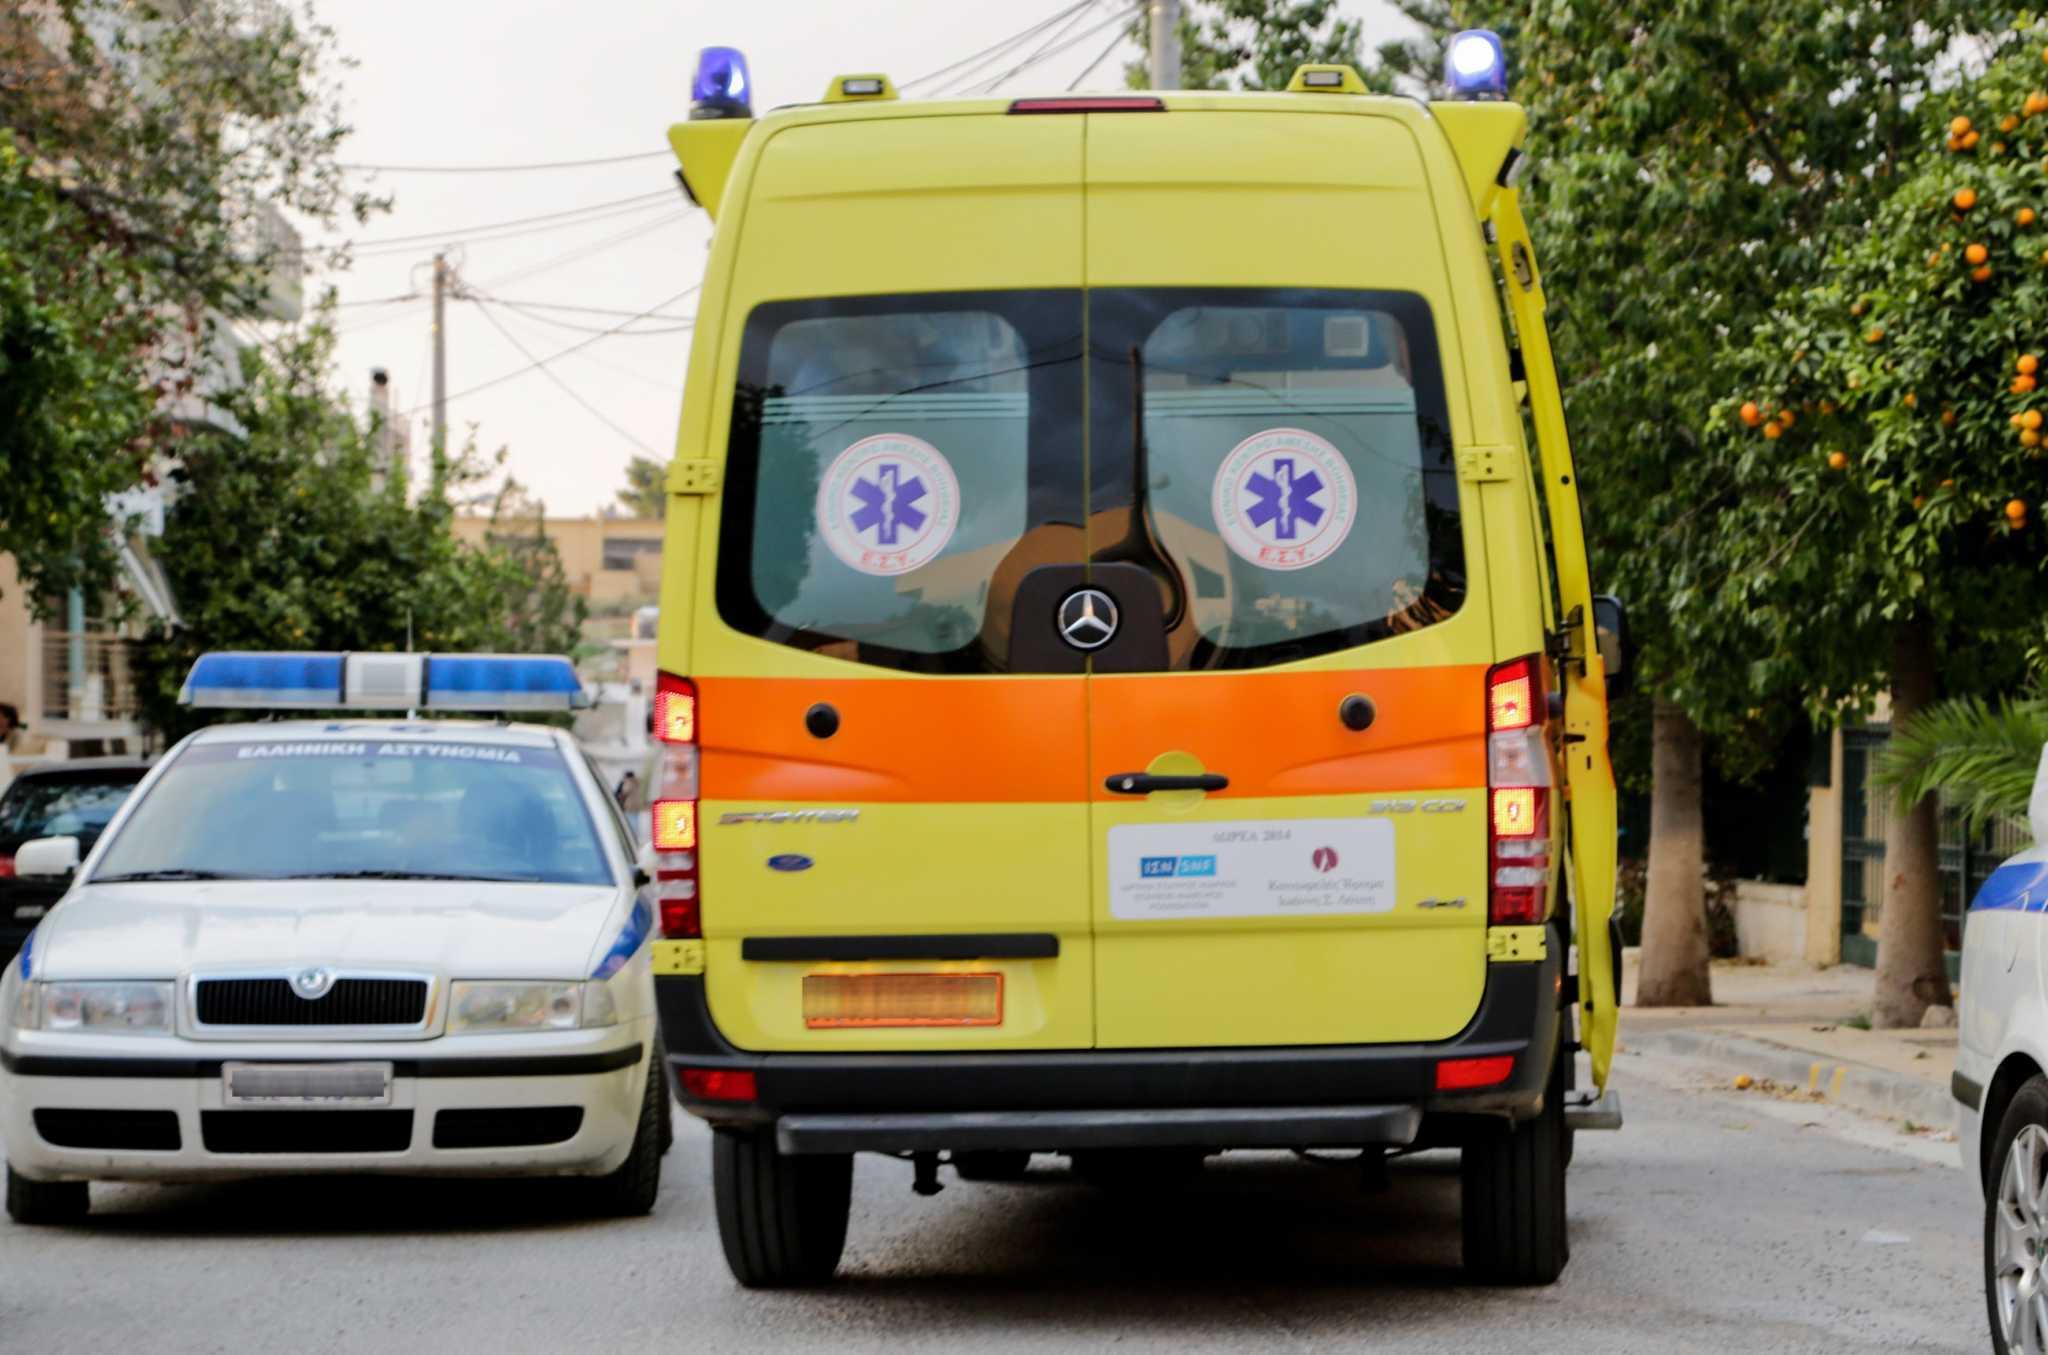 Χανιά: Αστυνομικός αυτοπυροβολήθηκε στο κεφάλι εν ώρα υπηρεσίας